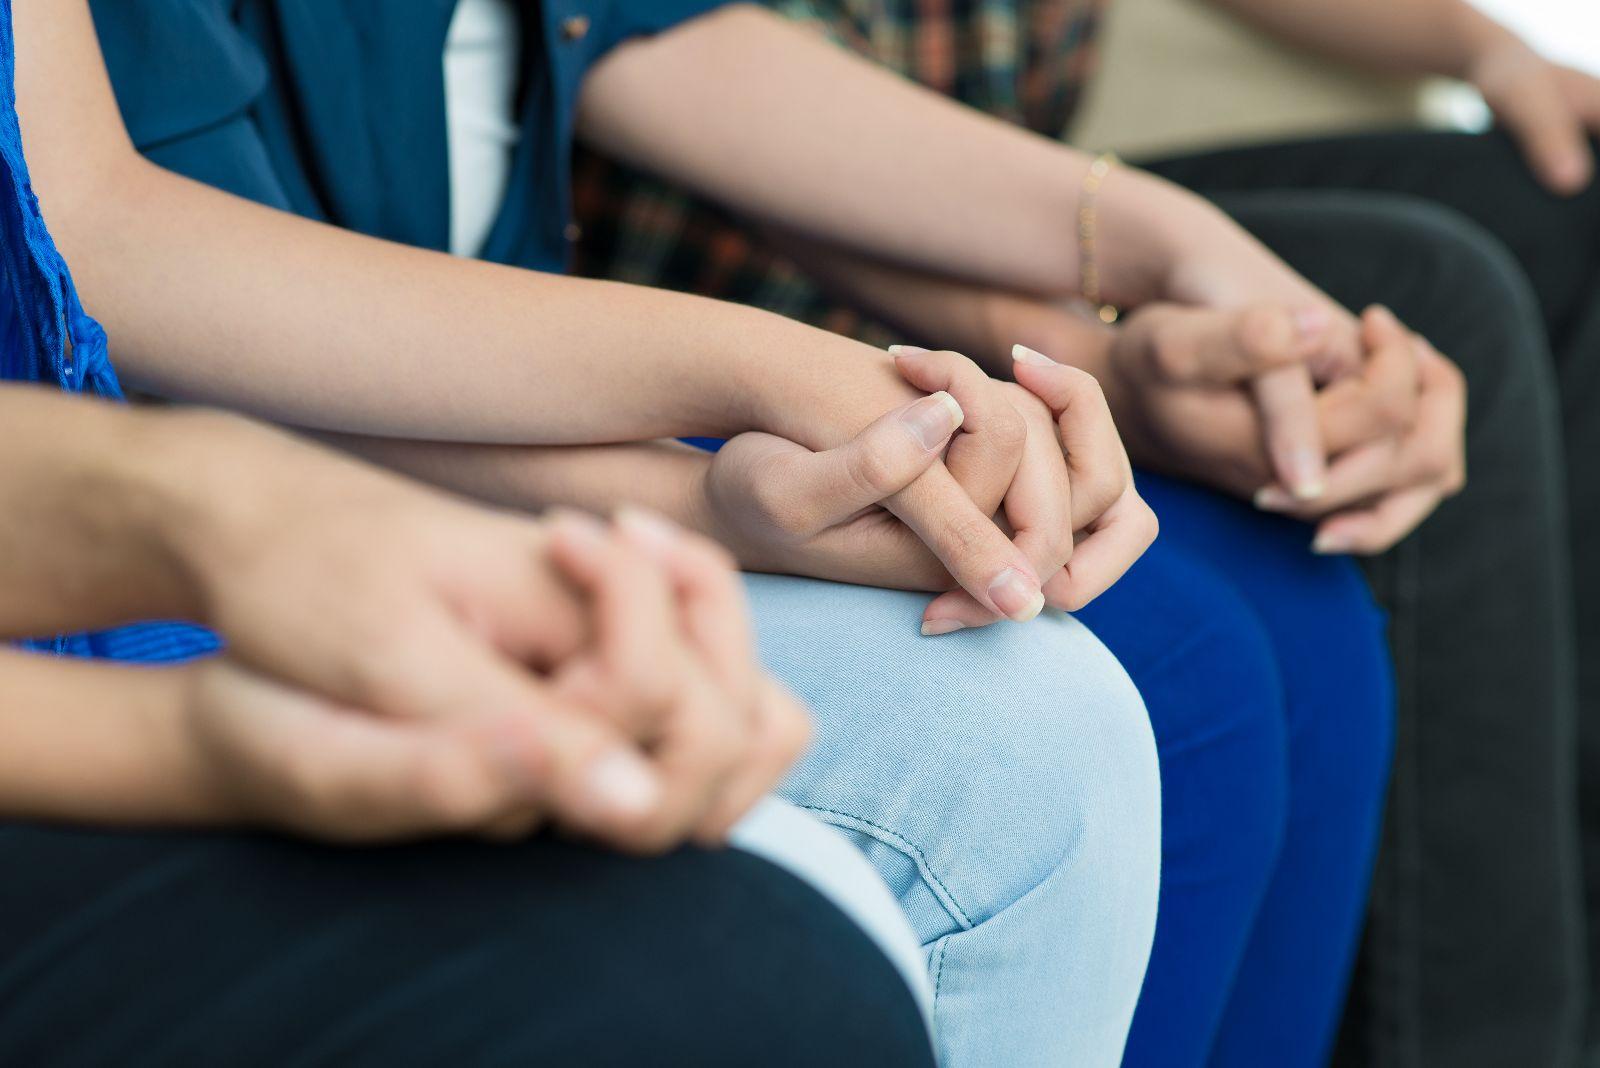 Acercamiento a manos de pesonas agarradas de las manos